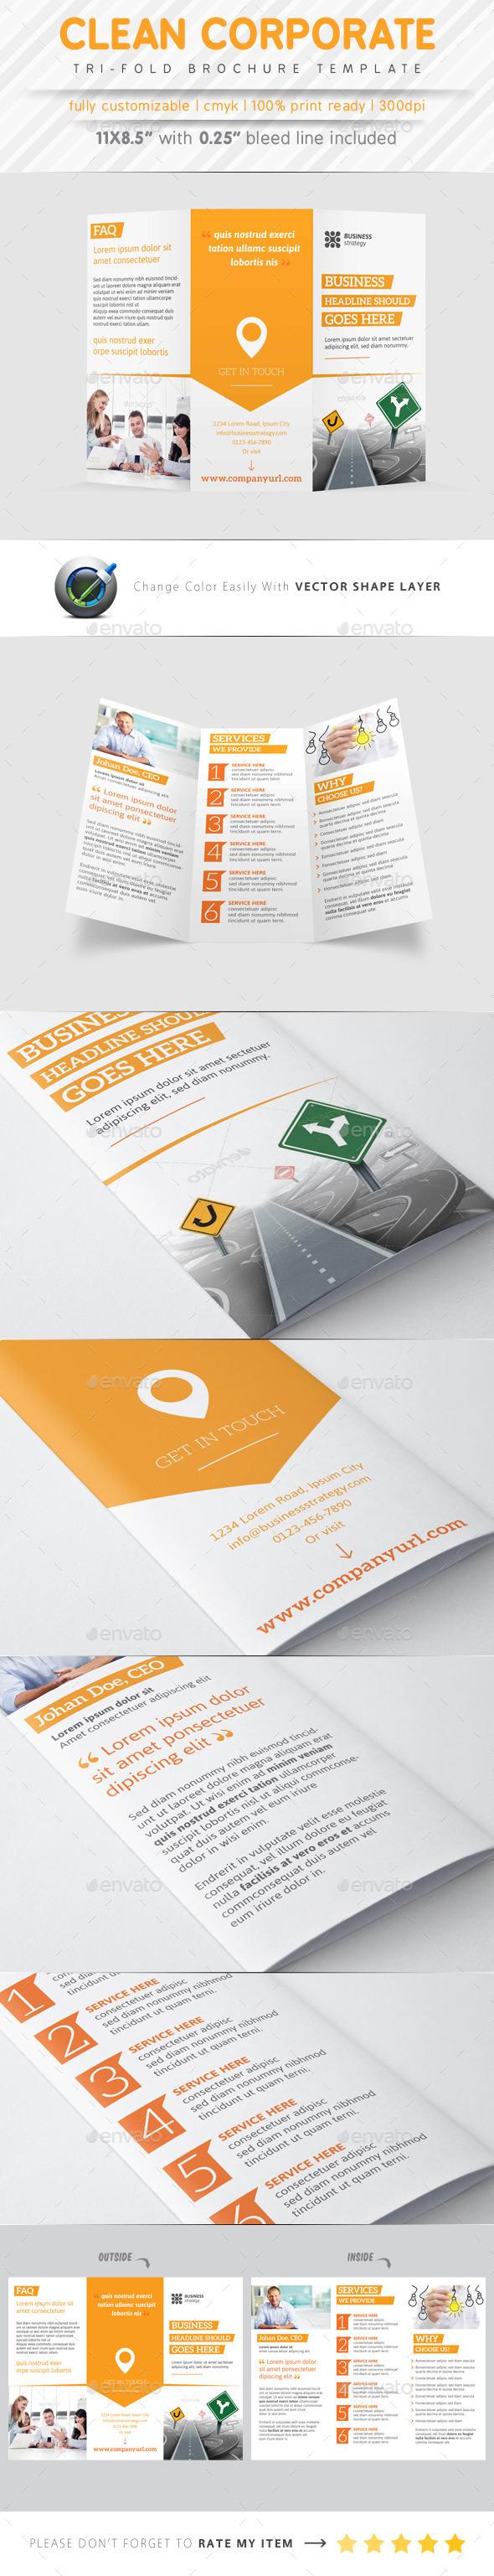 GraphicRiver Clean Corporate Tri Fold Brochure 9323435